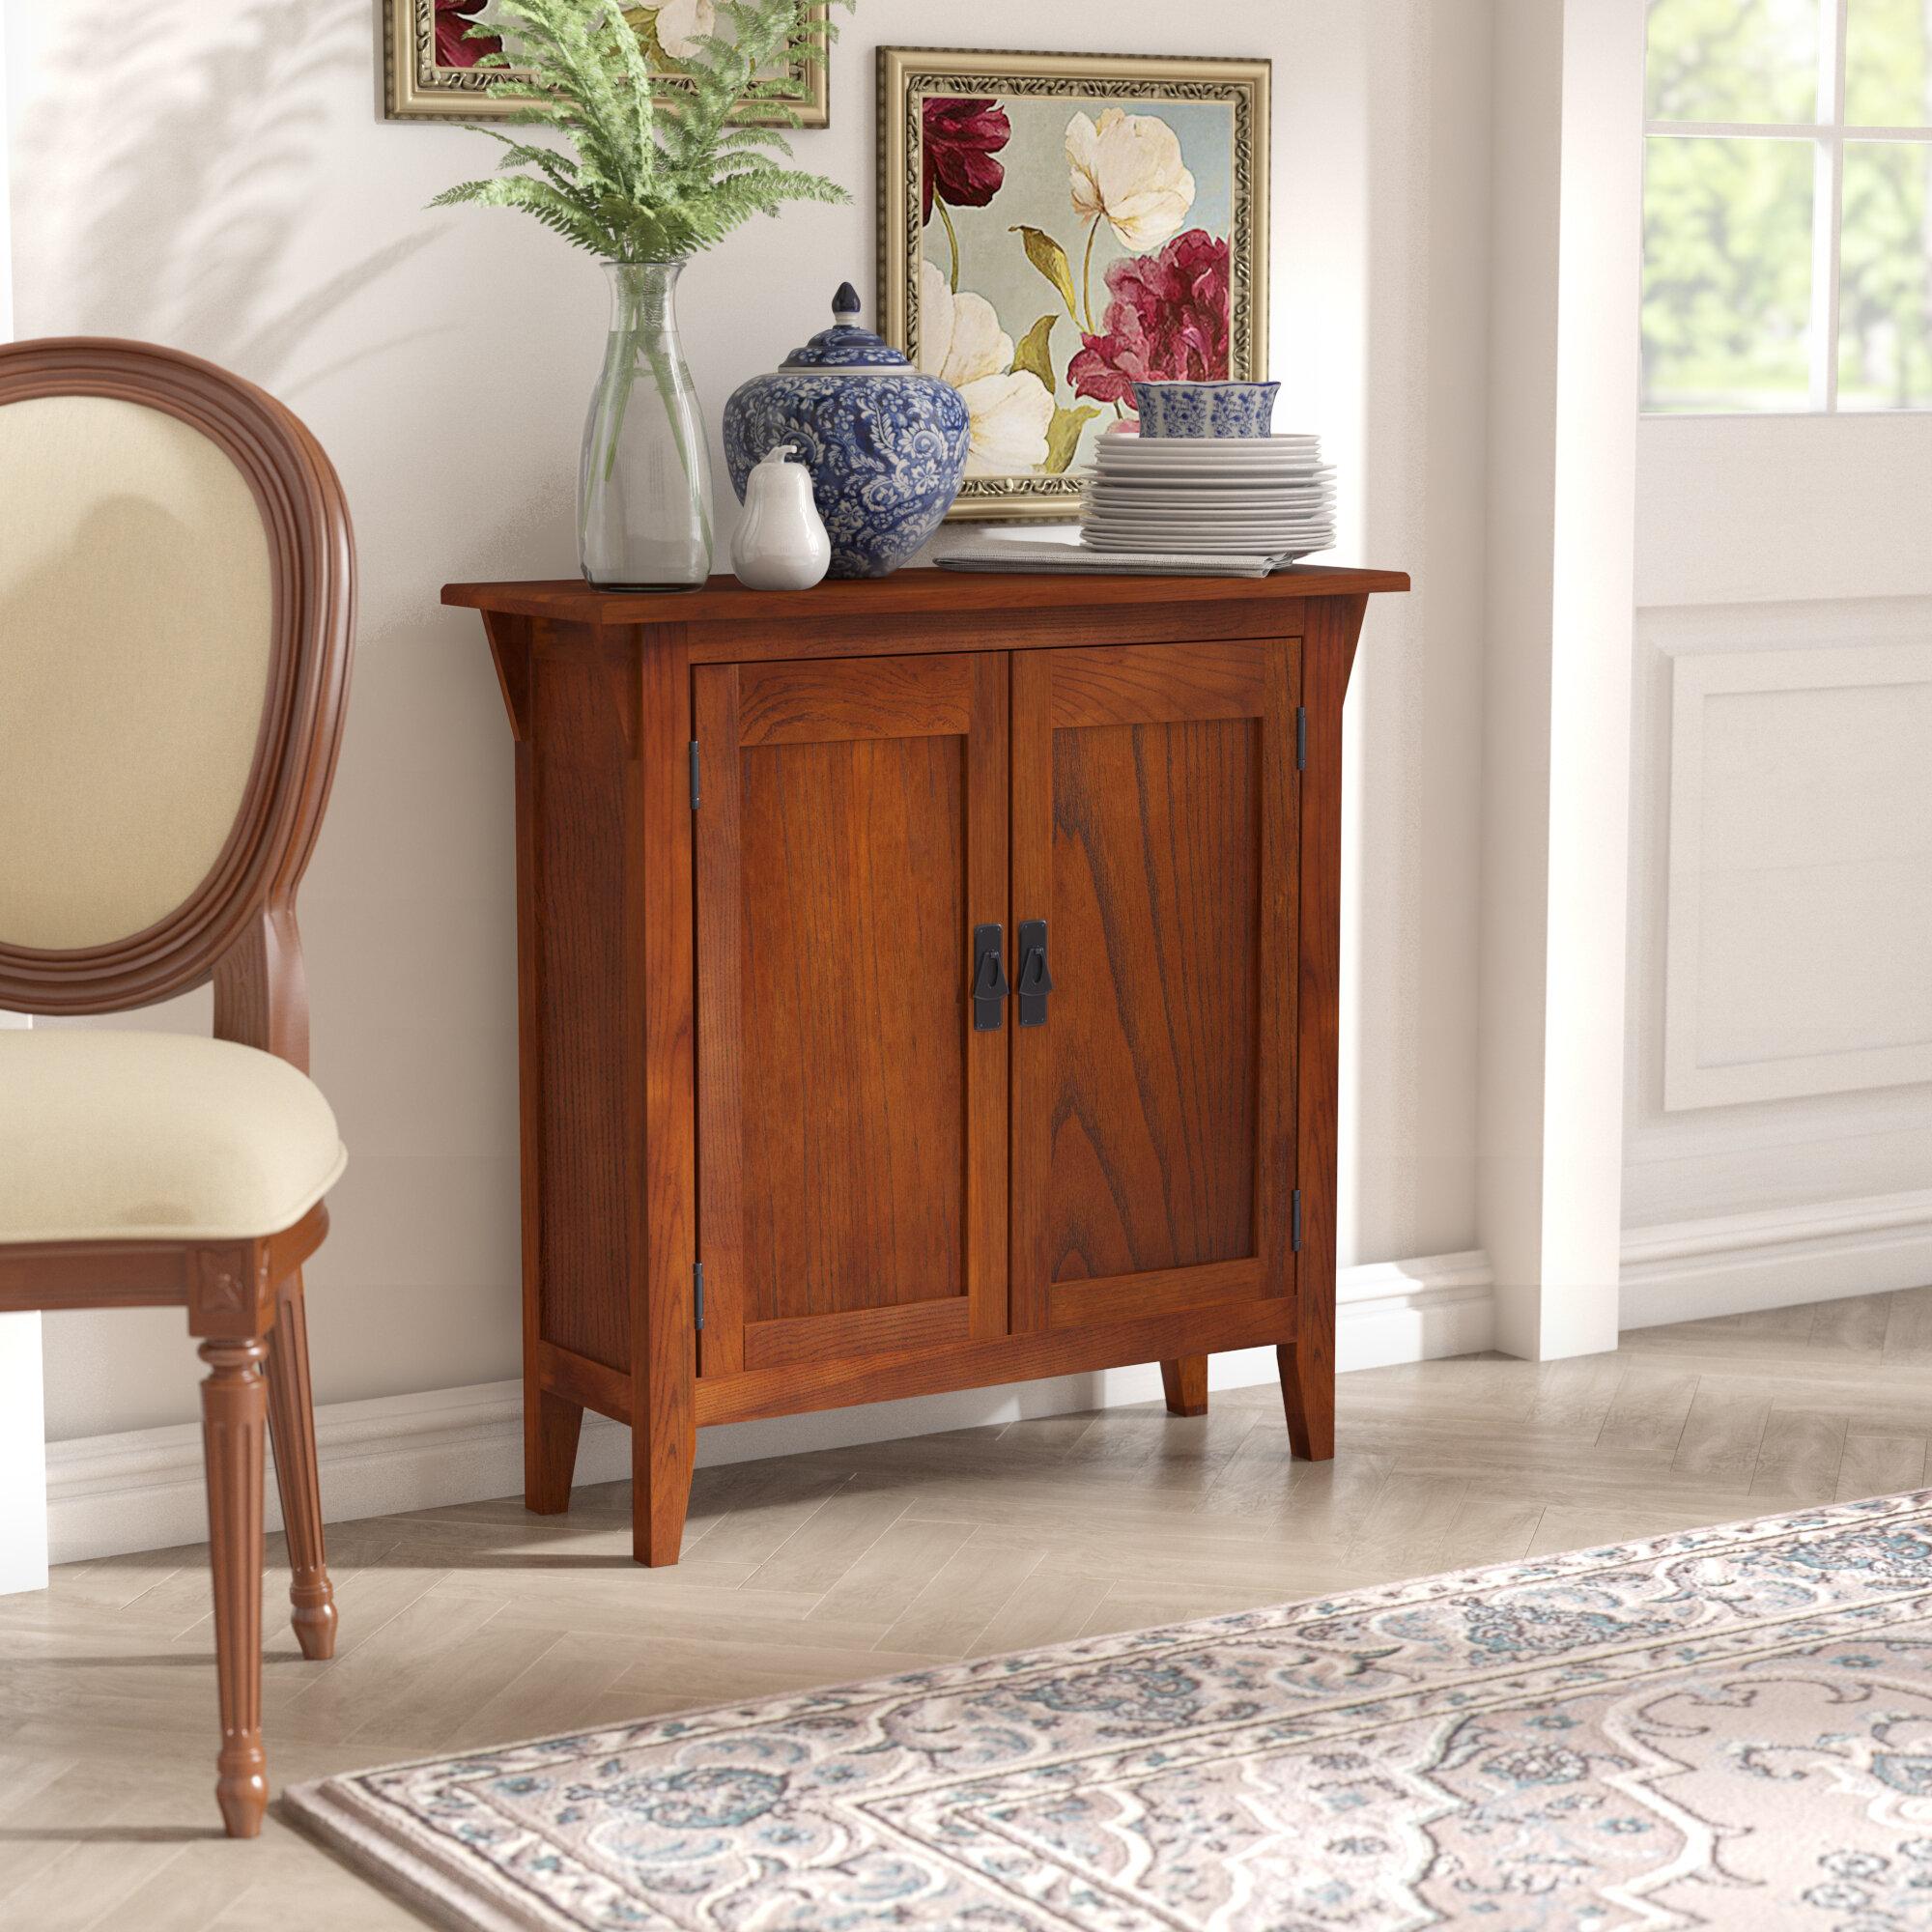 Remarkable Charlton Home Wilfredo Foyer 2 Door Accent Cabinet Reviews Inzonedesignstudio Interior Chair Design Inzonedesignstudiocom